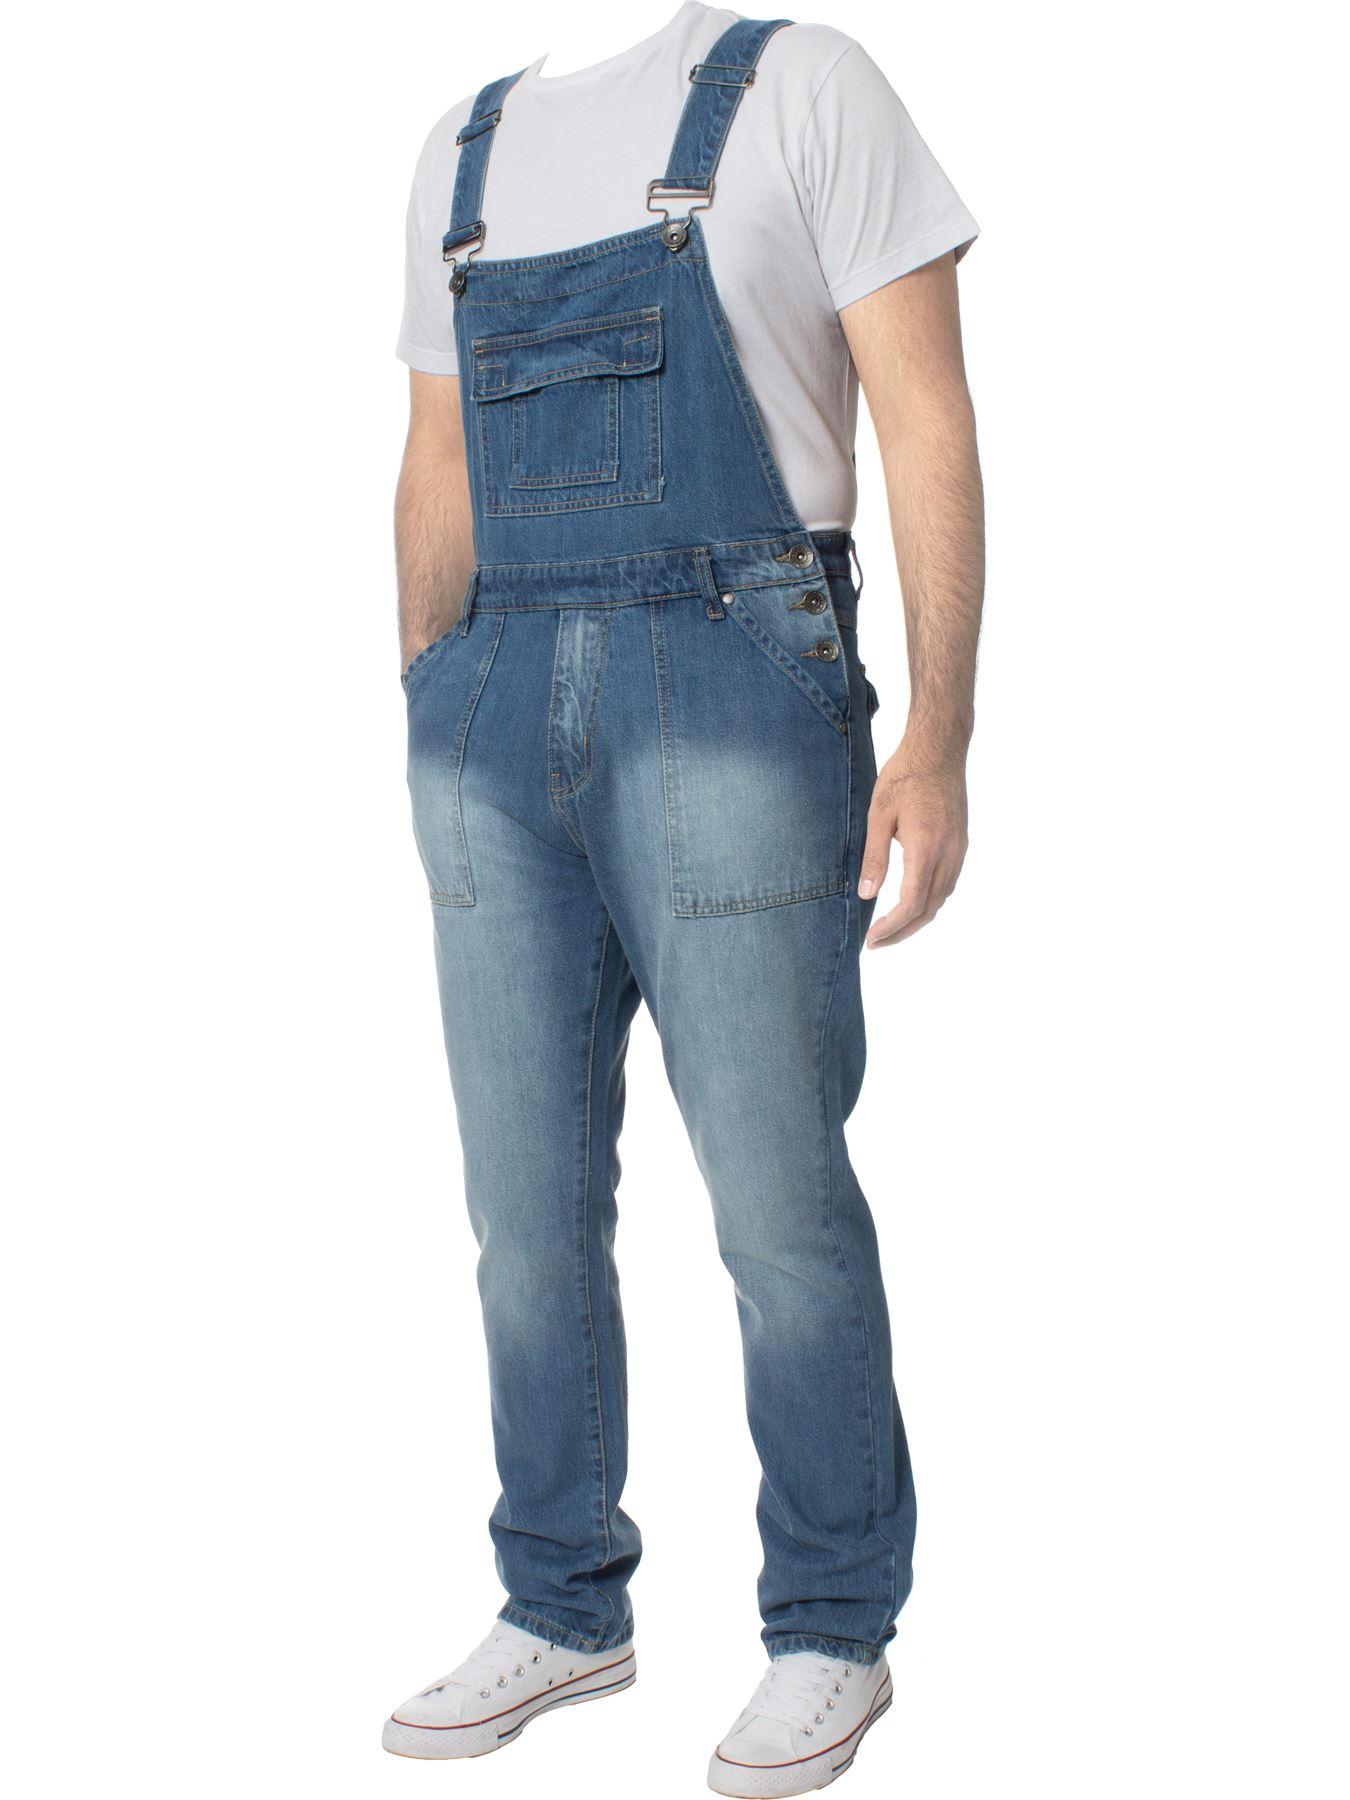 ENZO-Jeans-Hombre-Denim-Azul-Peto-Peto-overoles-Todas-Cinturas-Talla-30-034-50-034 miniatura 6